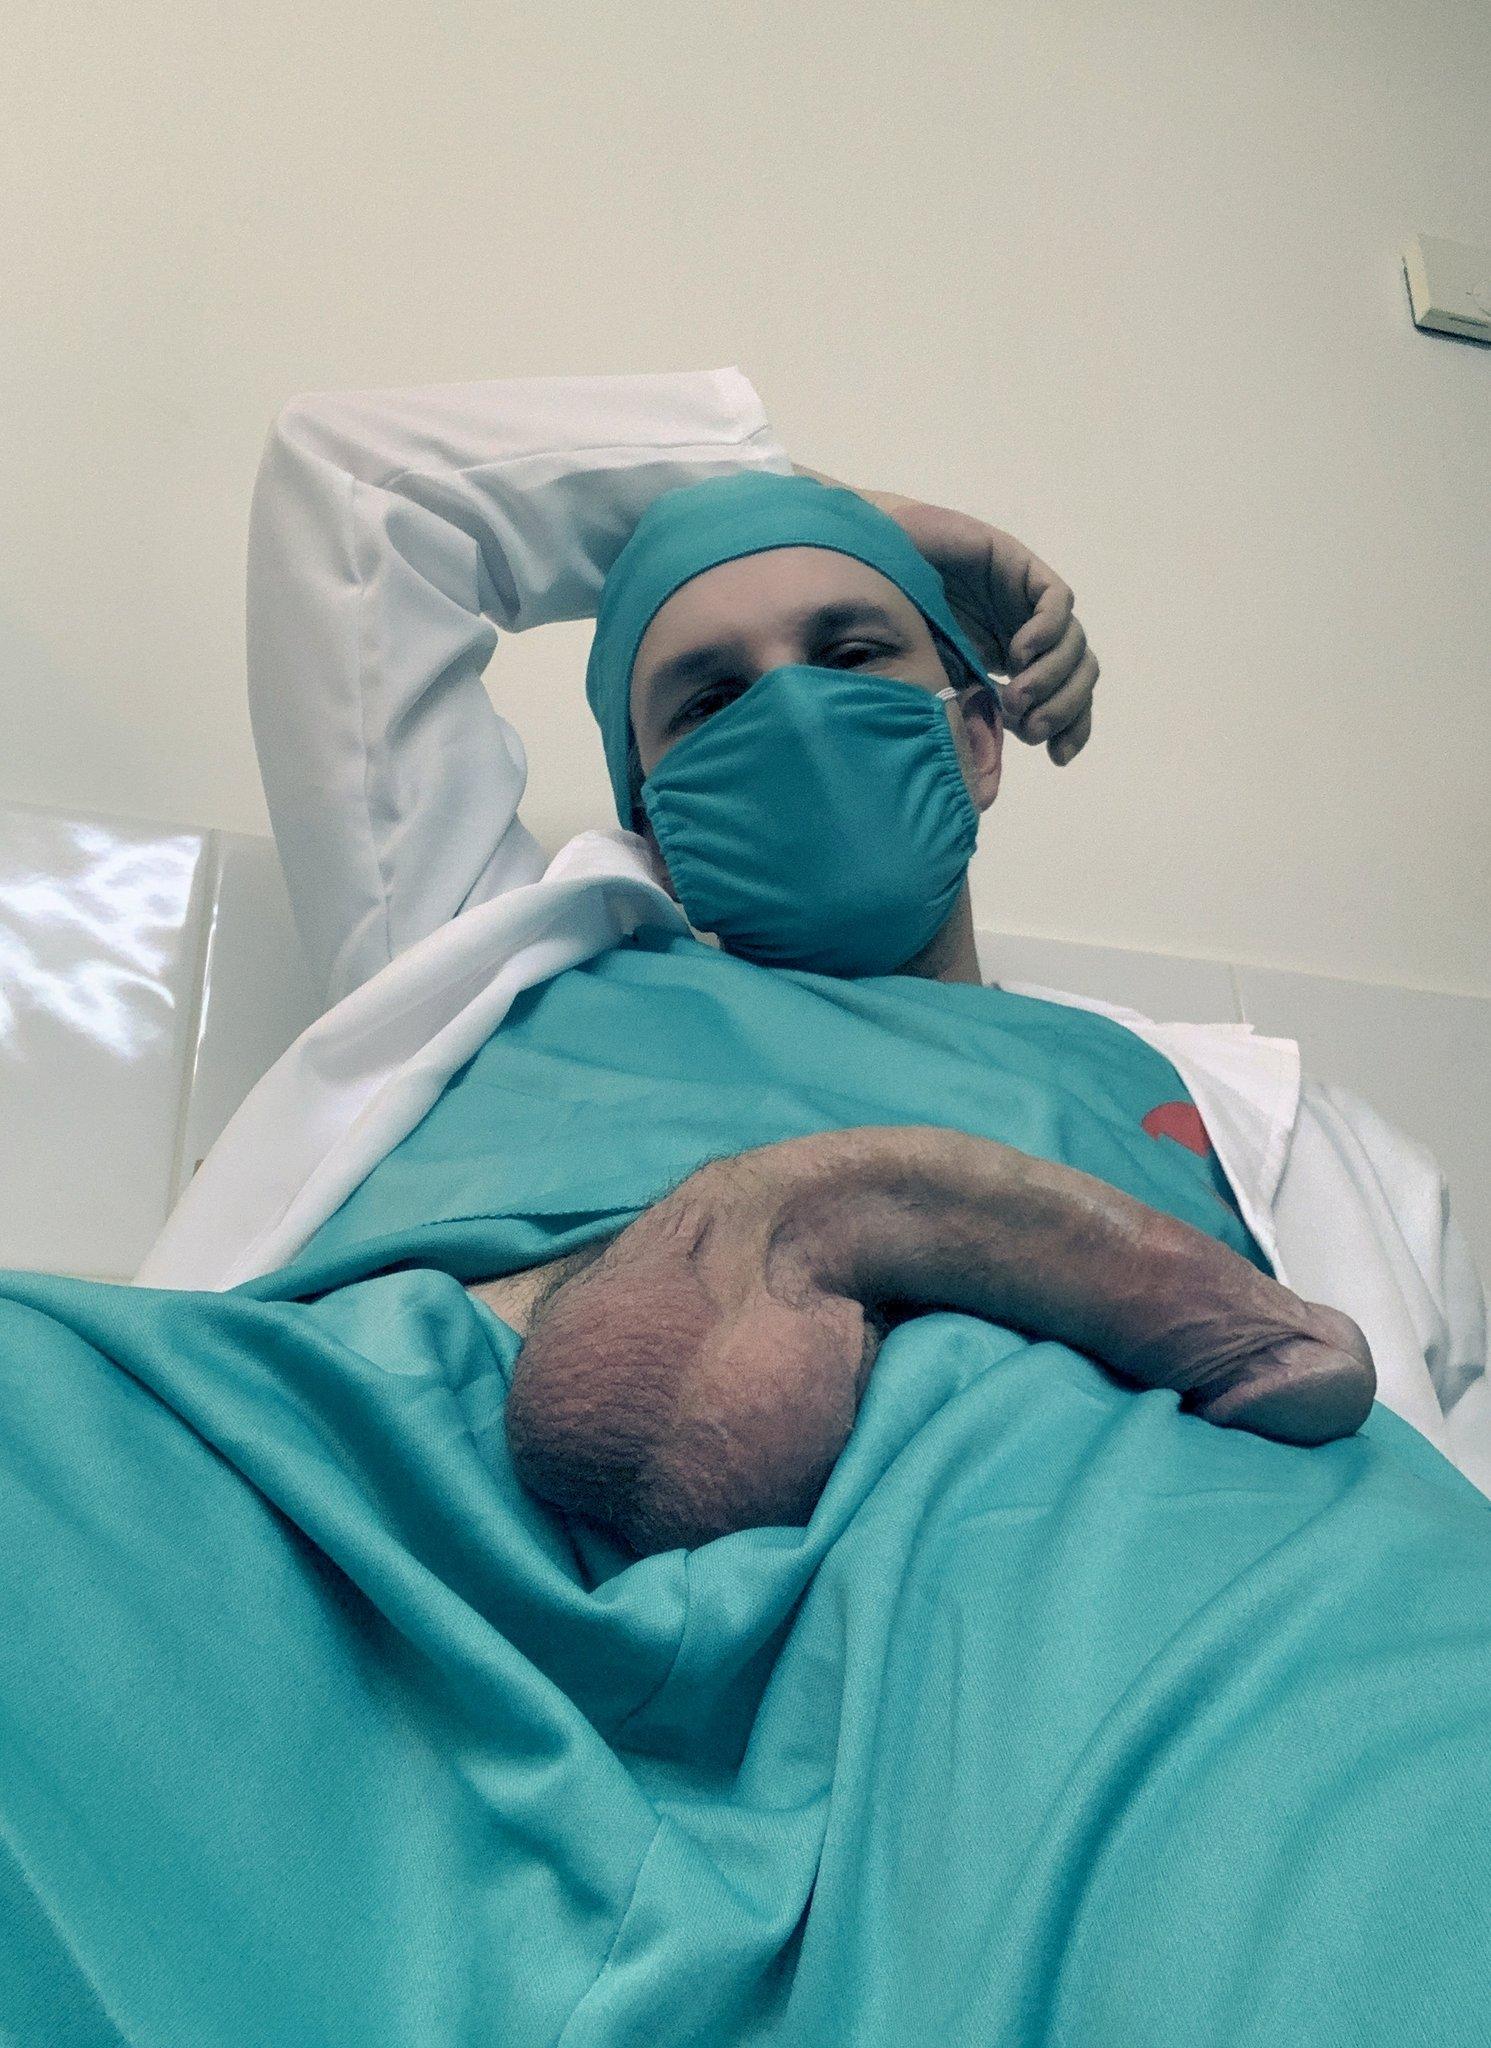 enfermero caliente y vergudo